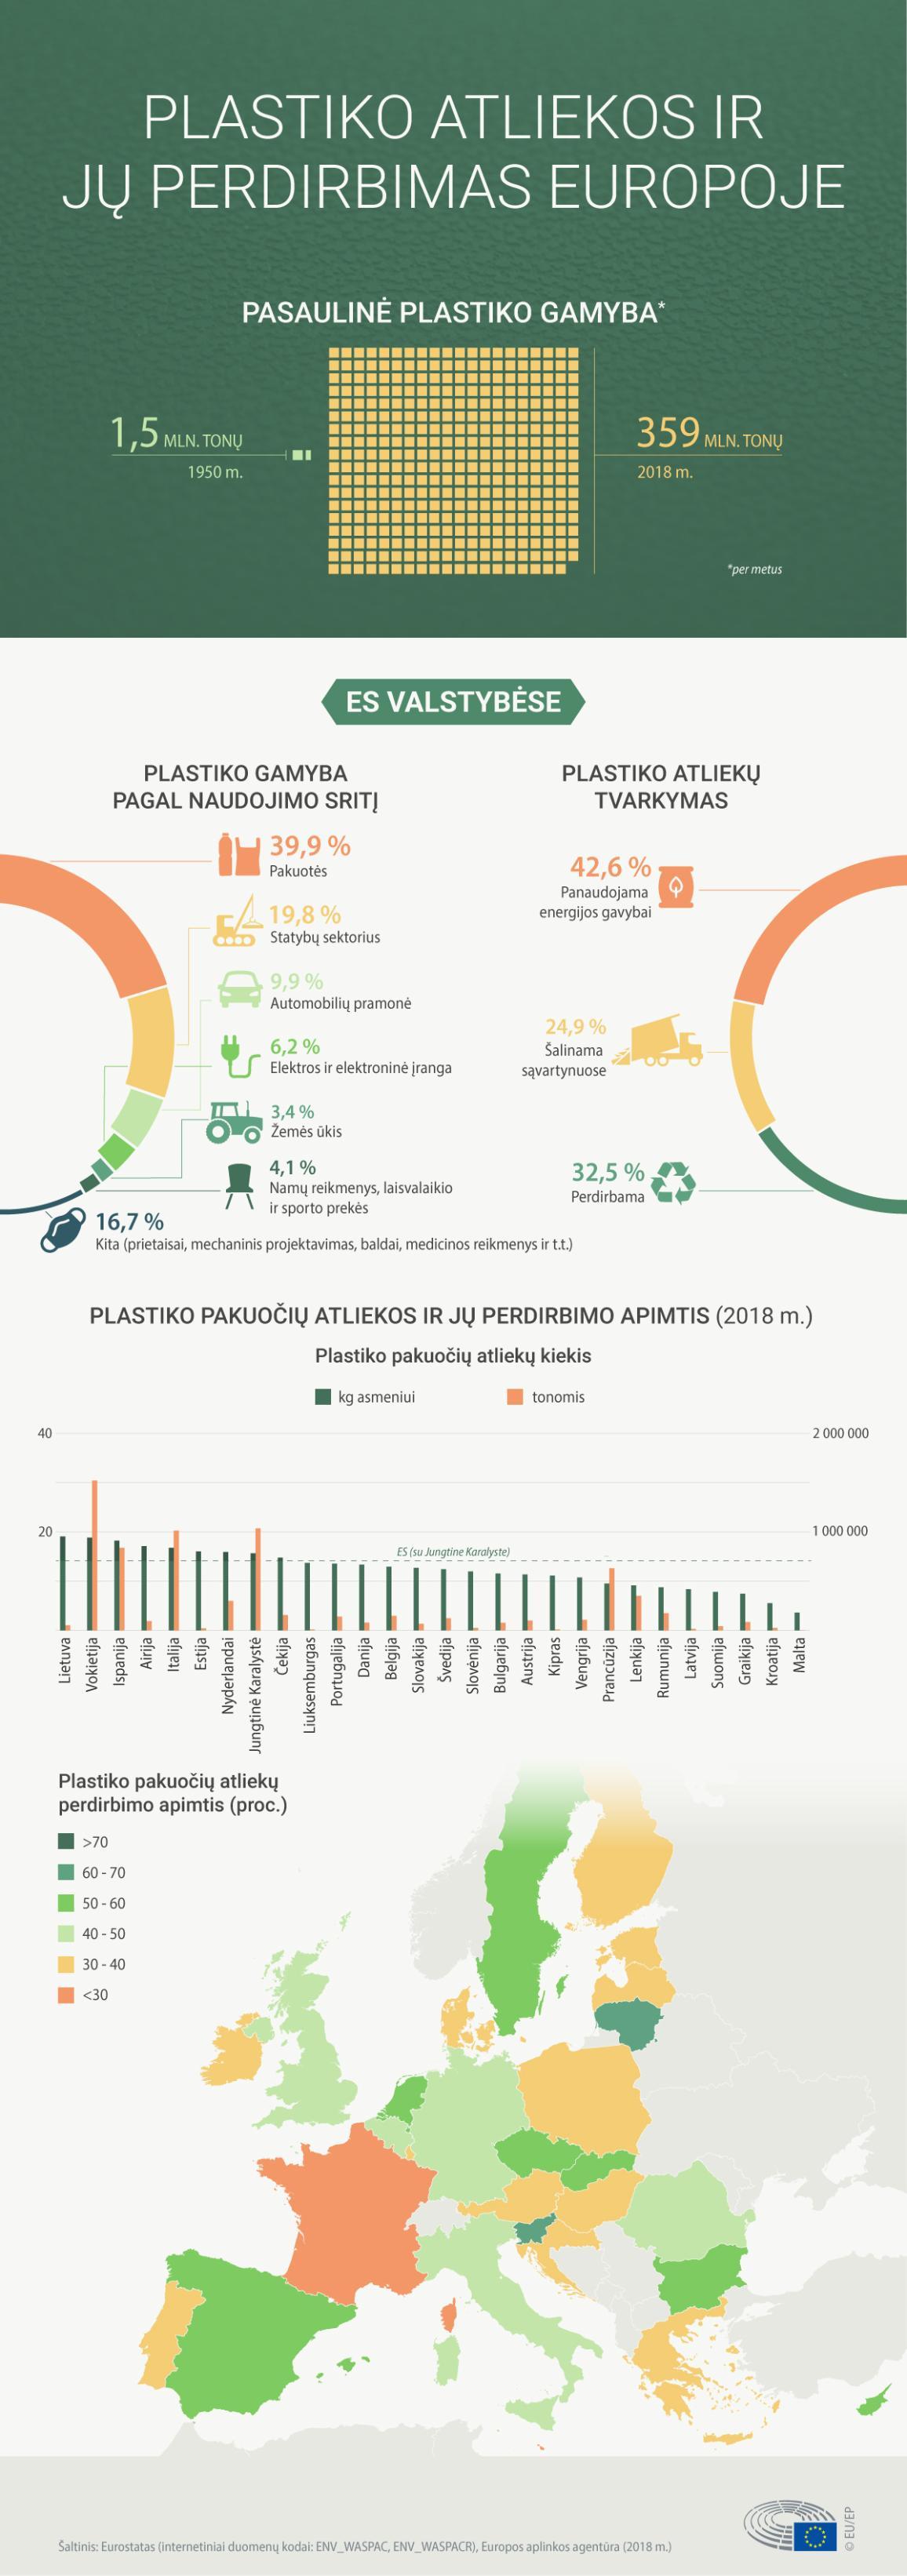 Plastiko atliekos ir jų perdirbimas Europoje